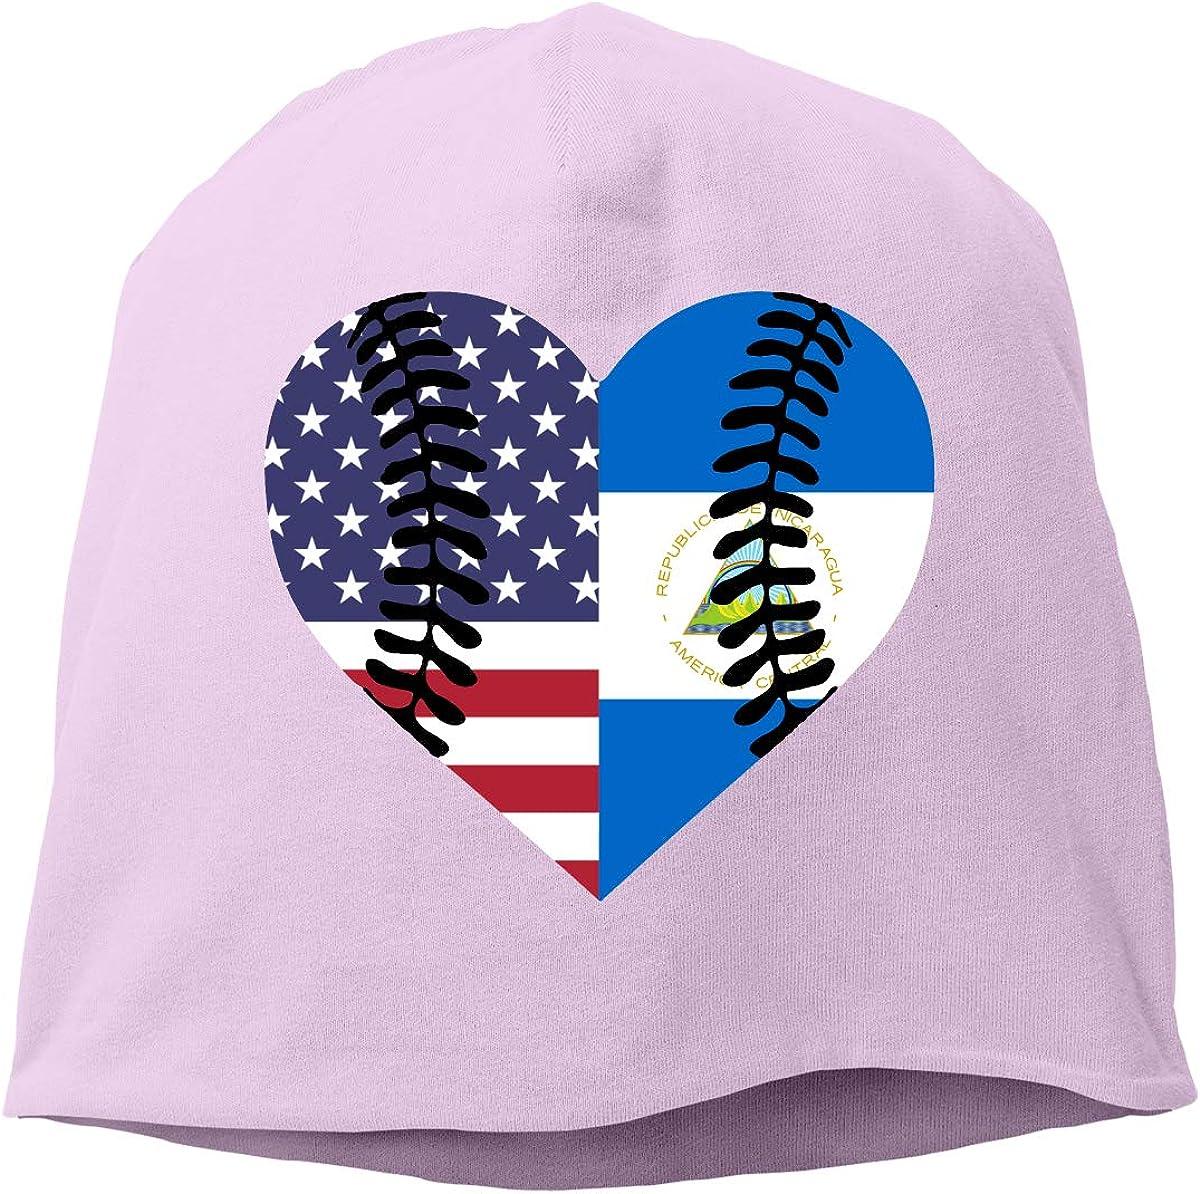 TLPM9LKMBM Nicaragua USA Flag Half Baseball Beanie Skull Cap for Women and Men Winter Warm Daily Hat